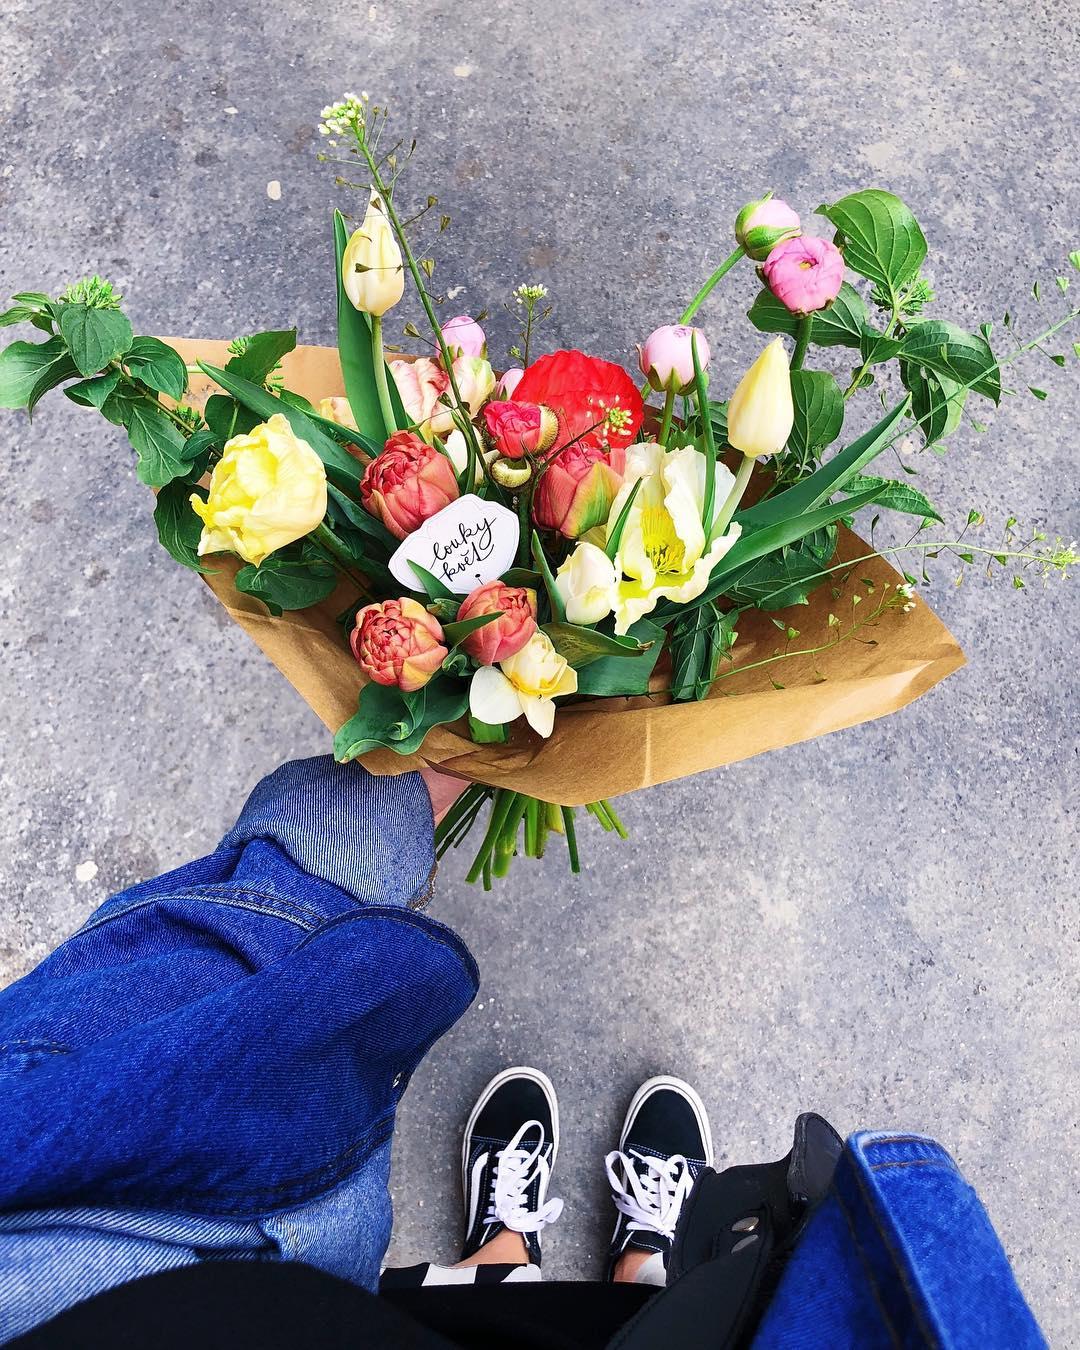 Předplatné od Loukykvět, jarní kytička, tulipány, narcisy, barevné.